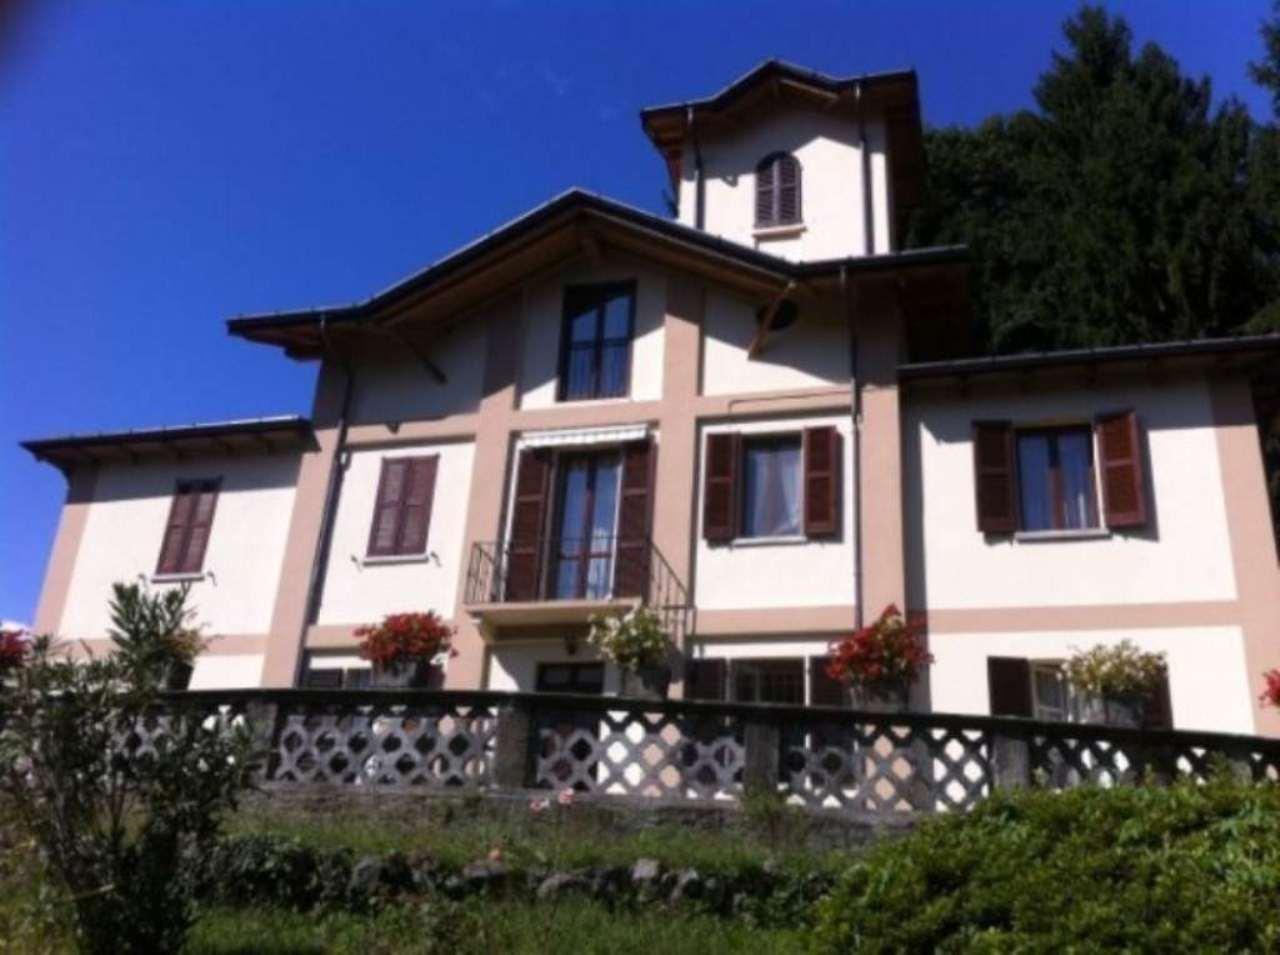 Appartamento in vendita a Dumenza, 4 locali, prezzo € 197.000 | CambioCasa.it